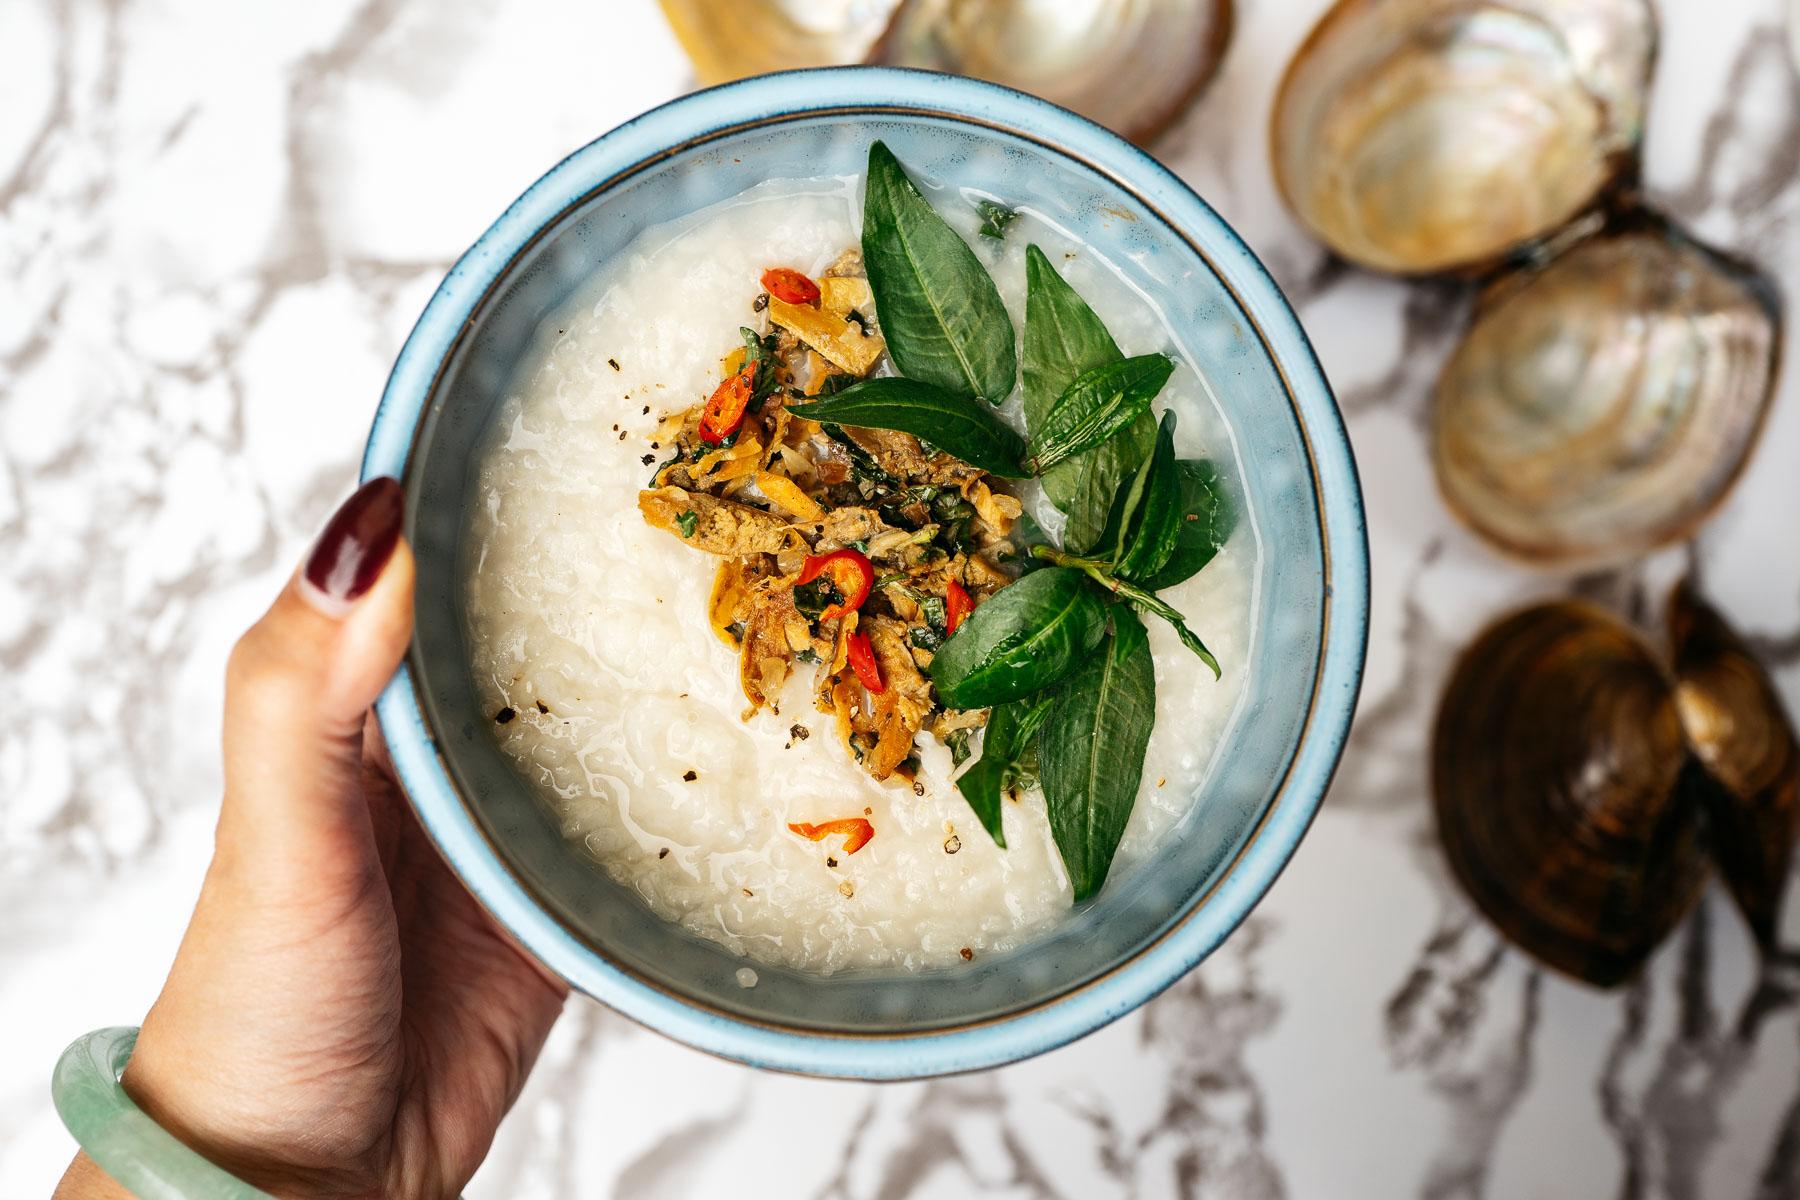 Ryżowy kleik ze szczeżuji (cháo trai)